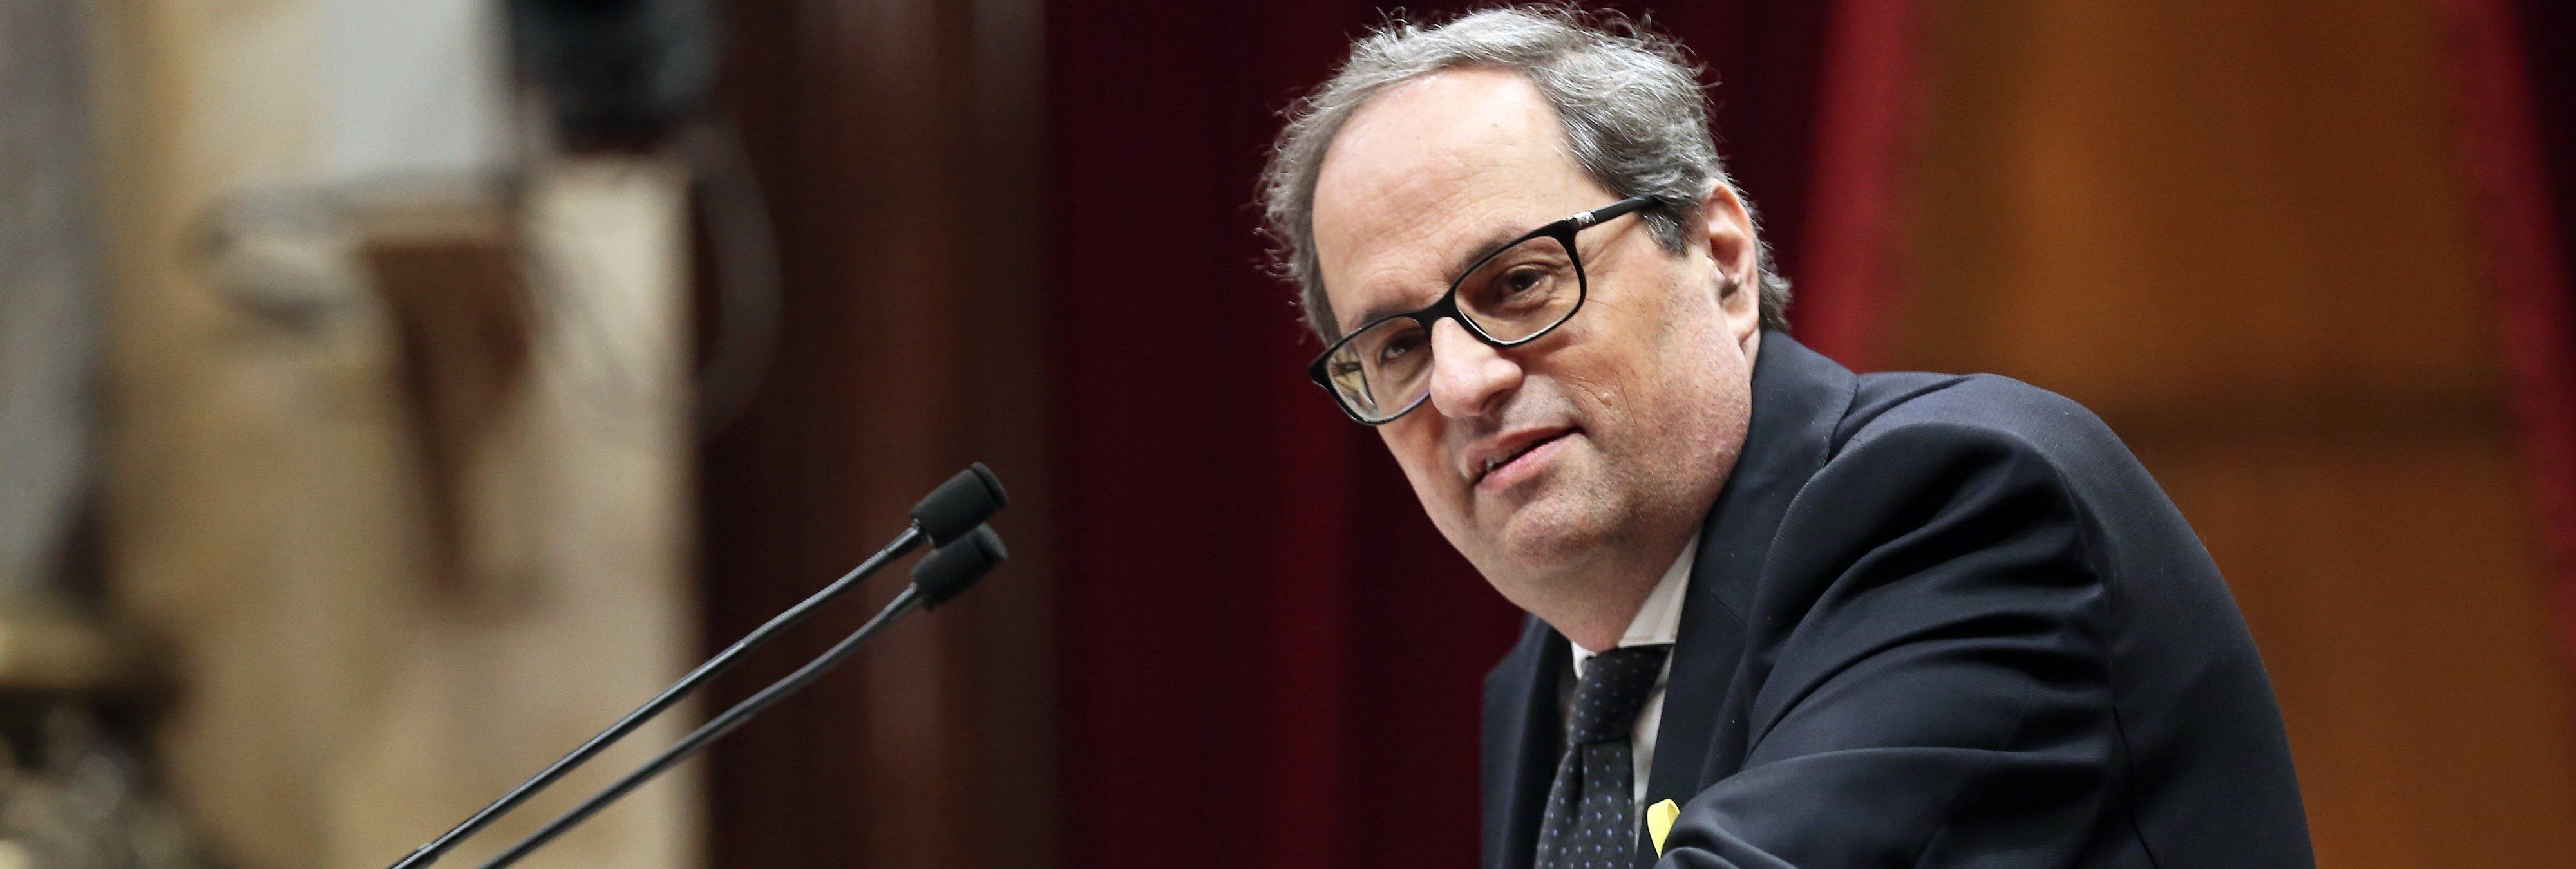 La Fiscalía baraja querellarse contra Quim Torra por delito de odio